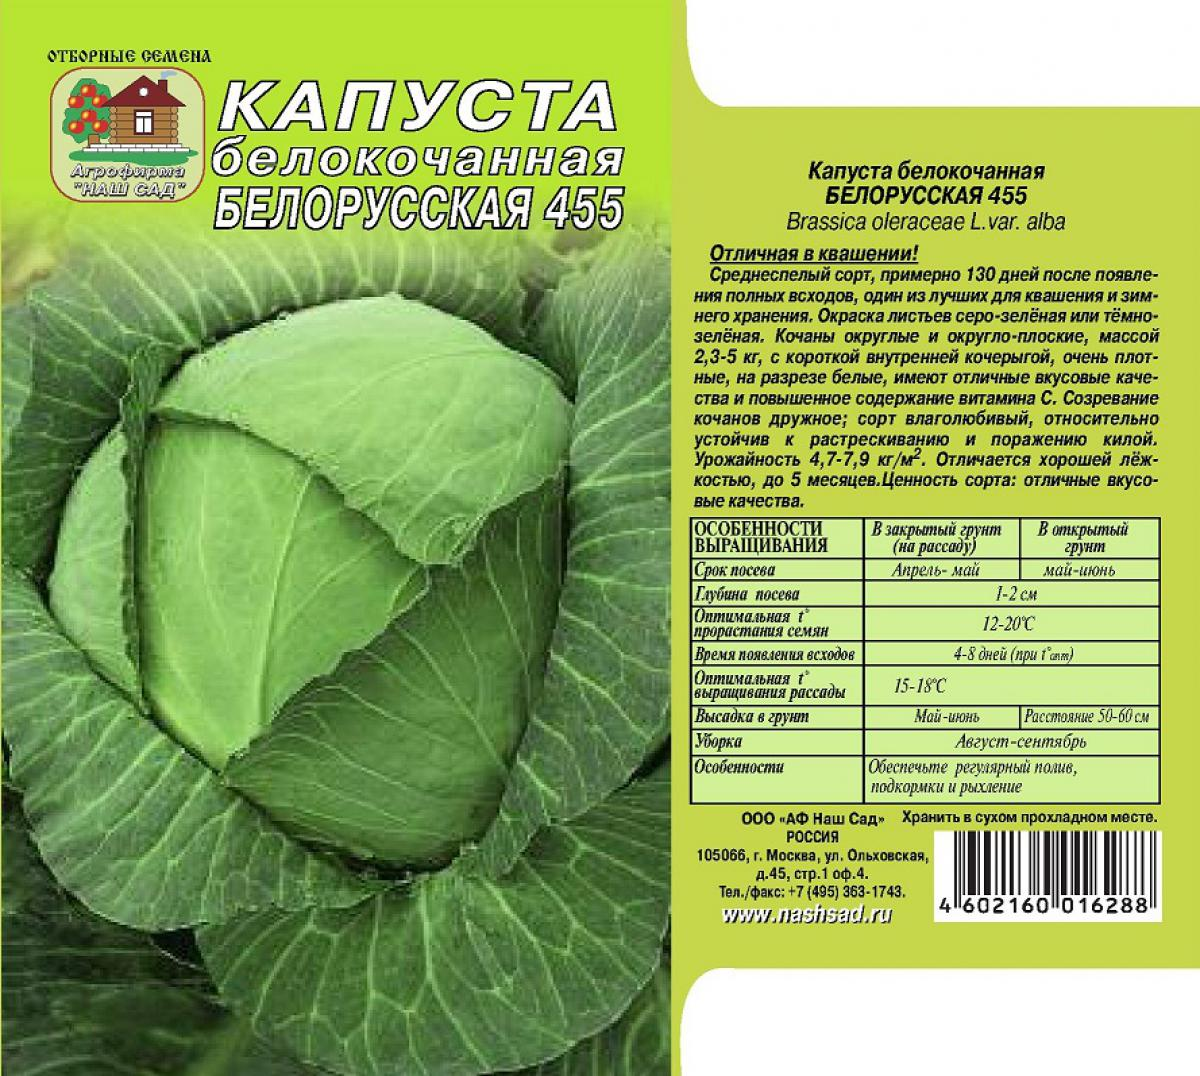 Характеристика капусты Белорусская 455, выращивание, сбор и хранение